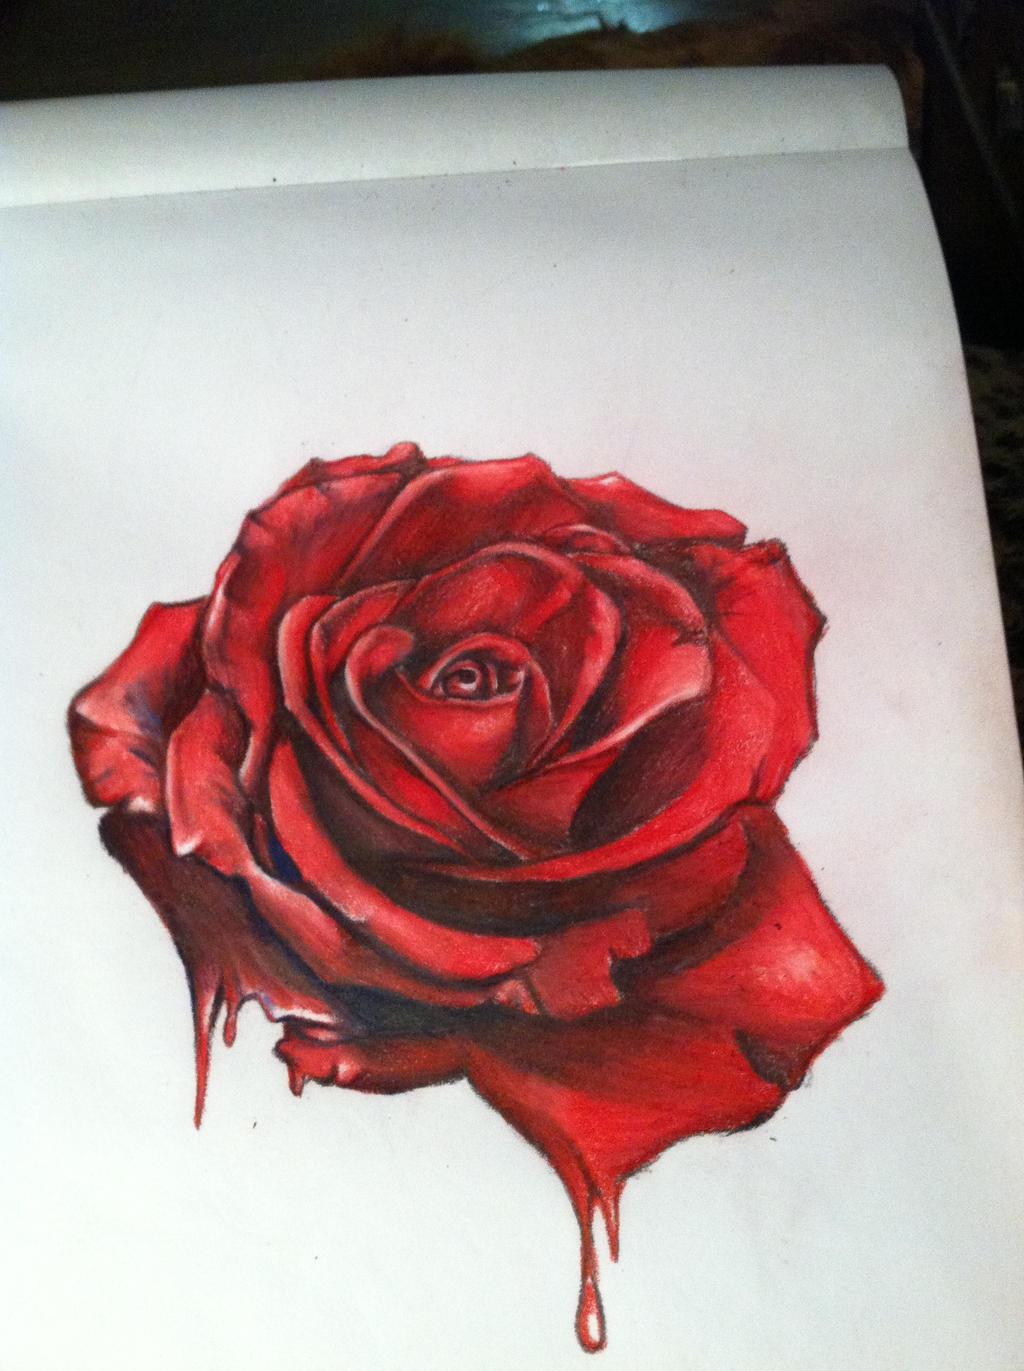 Bleeding Rose Quotes. QuotesGram